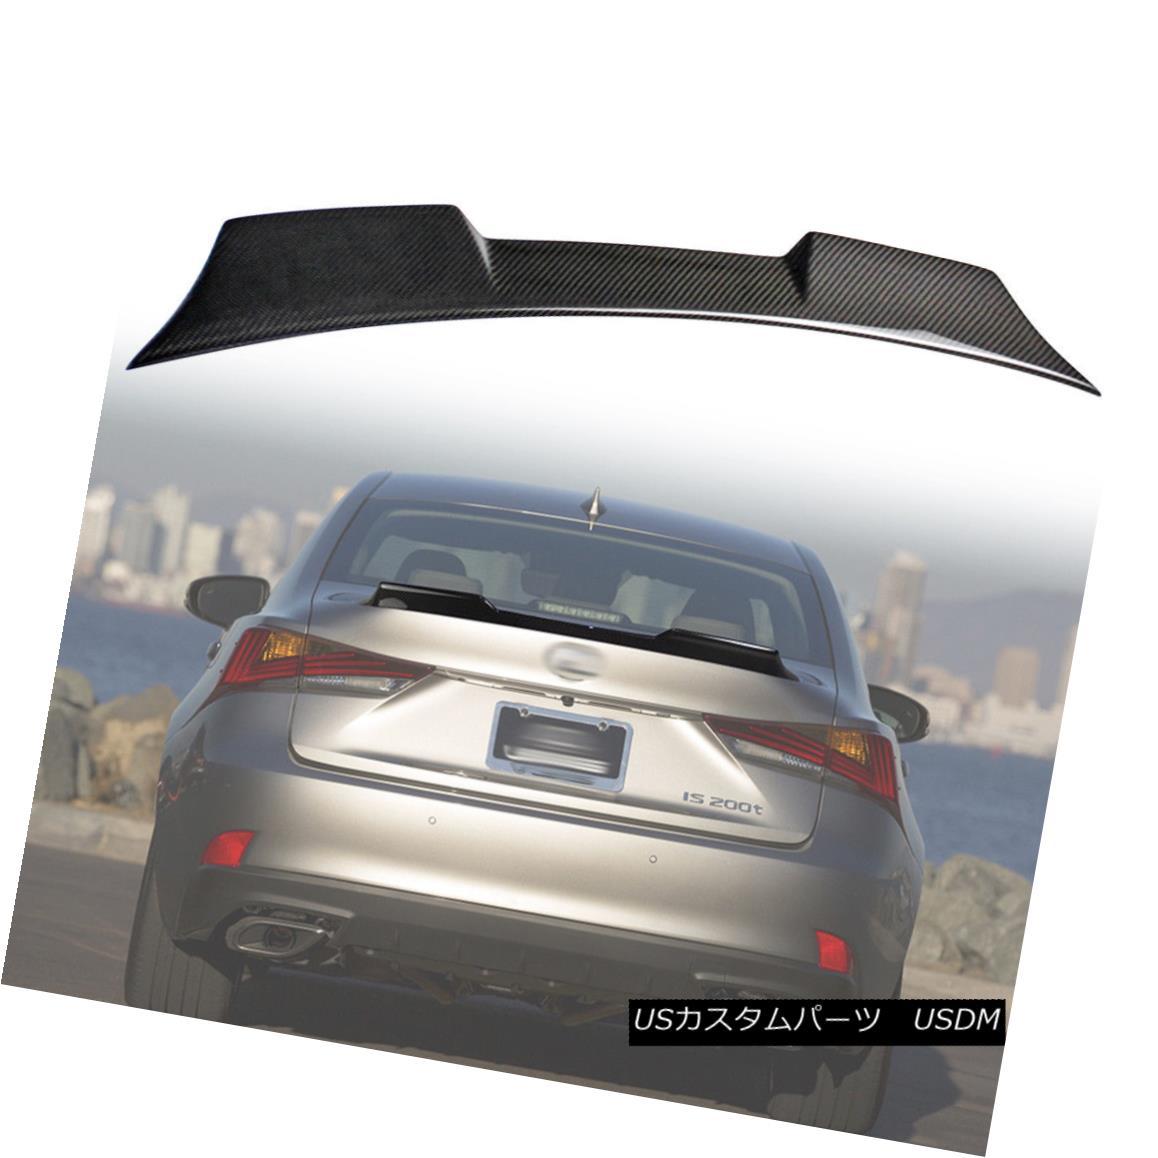 エアロパーツ V High Style Rear Trunk Spoiler Wing Real Carbon For LEXUS IS300 IS200t Sedan 18 VレクサスIS300 IS200tセダン18用ハイスタイルリアトランク・スポイラーウィング・リアルカーボン